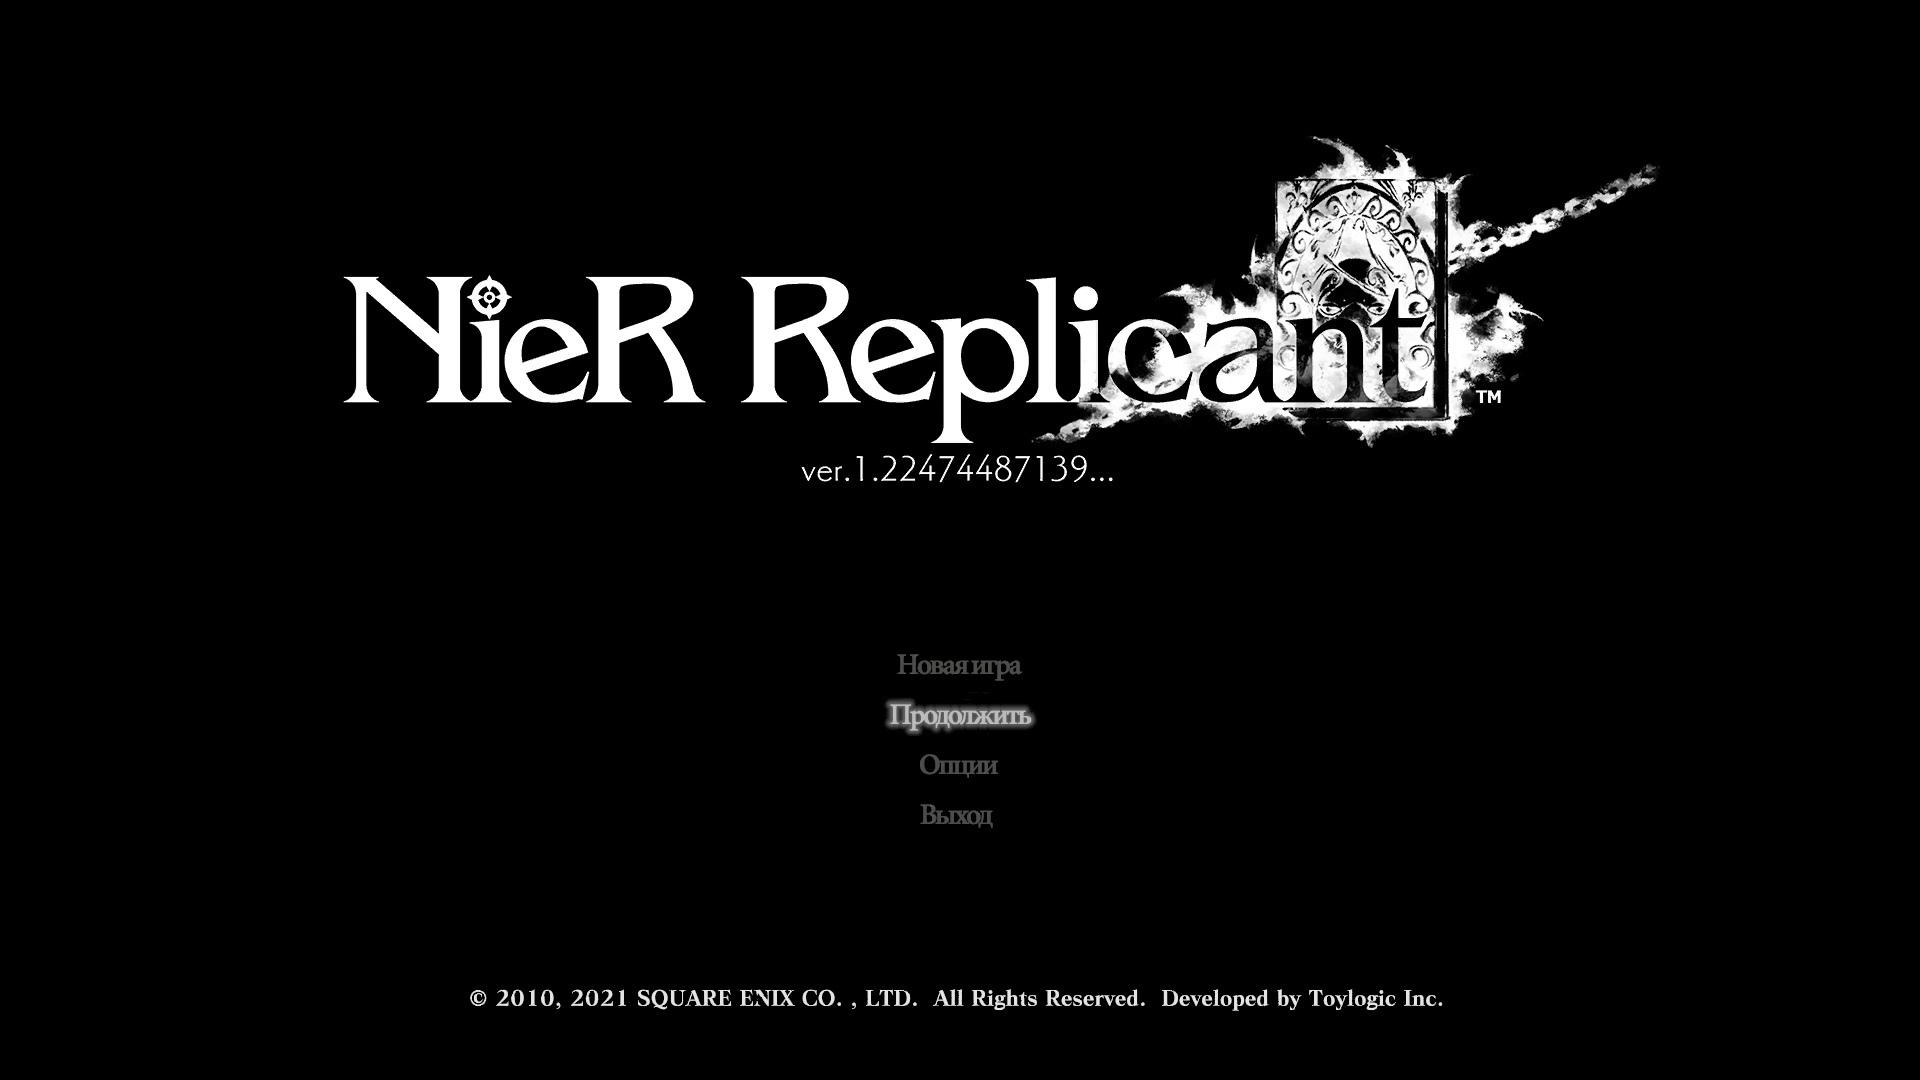 Перевод NieR Replicant ver.1.22474487139... завершён!